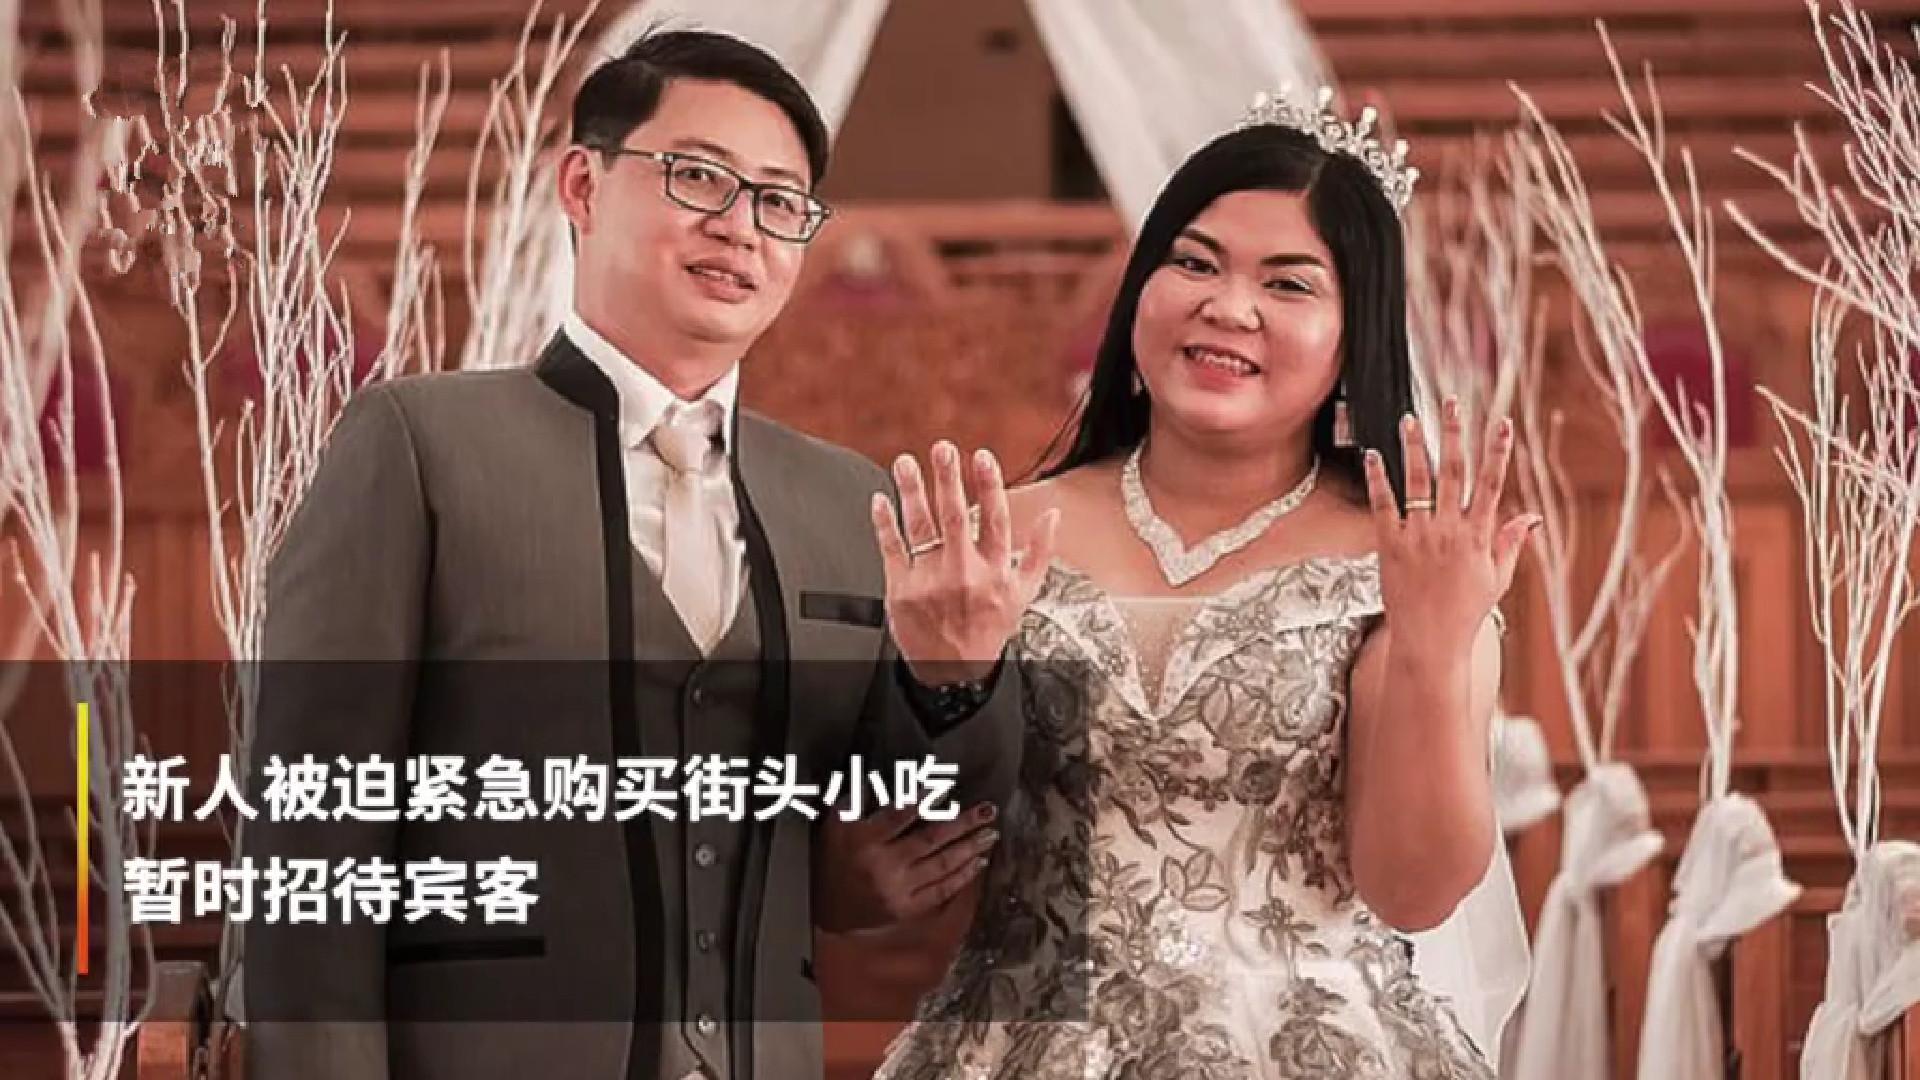 新人花2万元办婚宴,承办方不仅没提供食物还用塑料泡沫做蛋糕